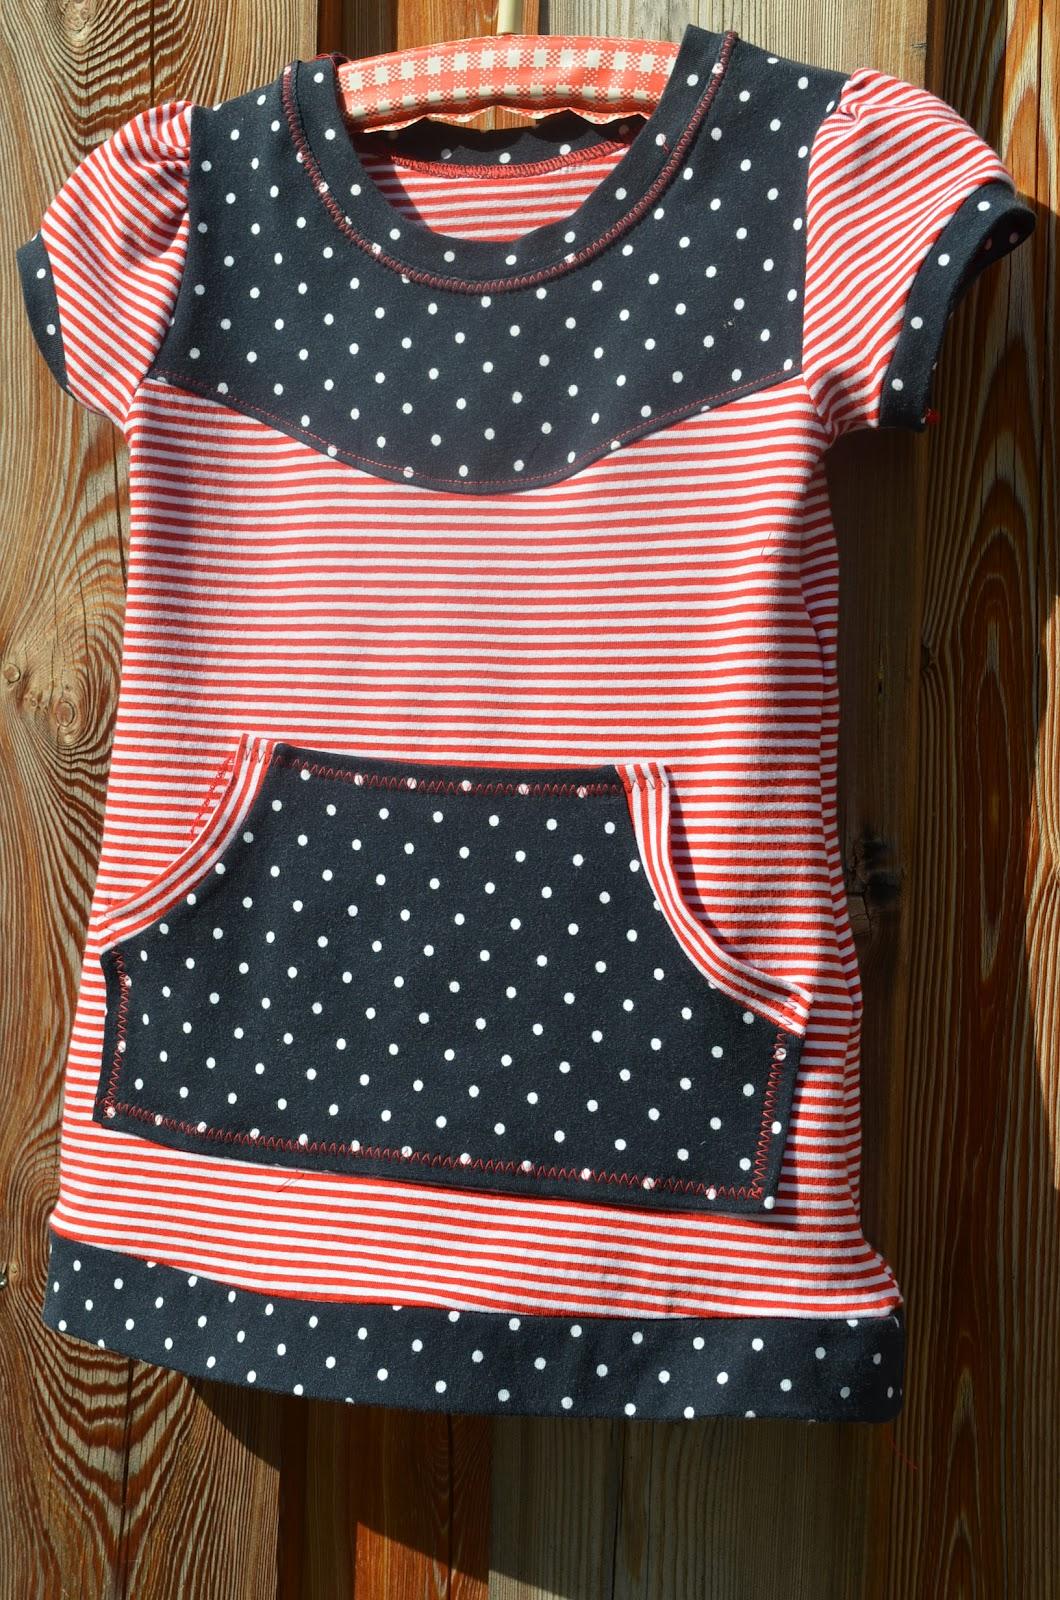 mascha-macht-mit: creadienstag - Shirt+Hemd